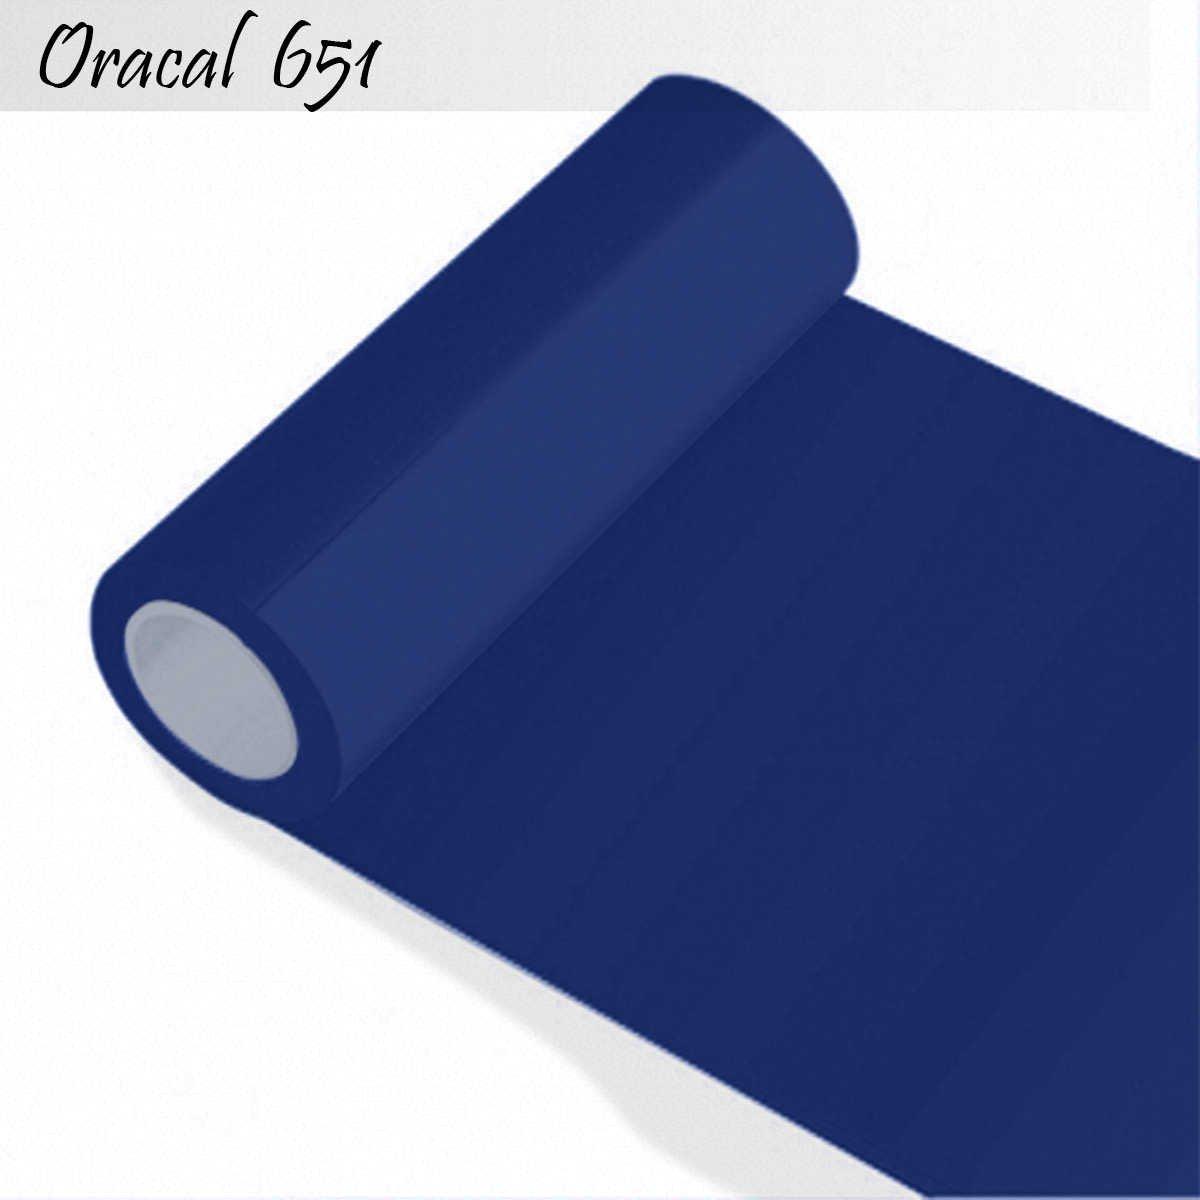 Oracal 651 - Orafol Folie 10m (Laufmeter) (Laufmeter) (Laufmeter) freie Farbwahl 55 glänzende Farben - glanz in 4 Größen, 63 cm Folienhöhe - Farbe 70 - schwarz B00TRTG5M2 Wandtattoos & Wandbilder 9bd739